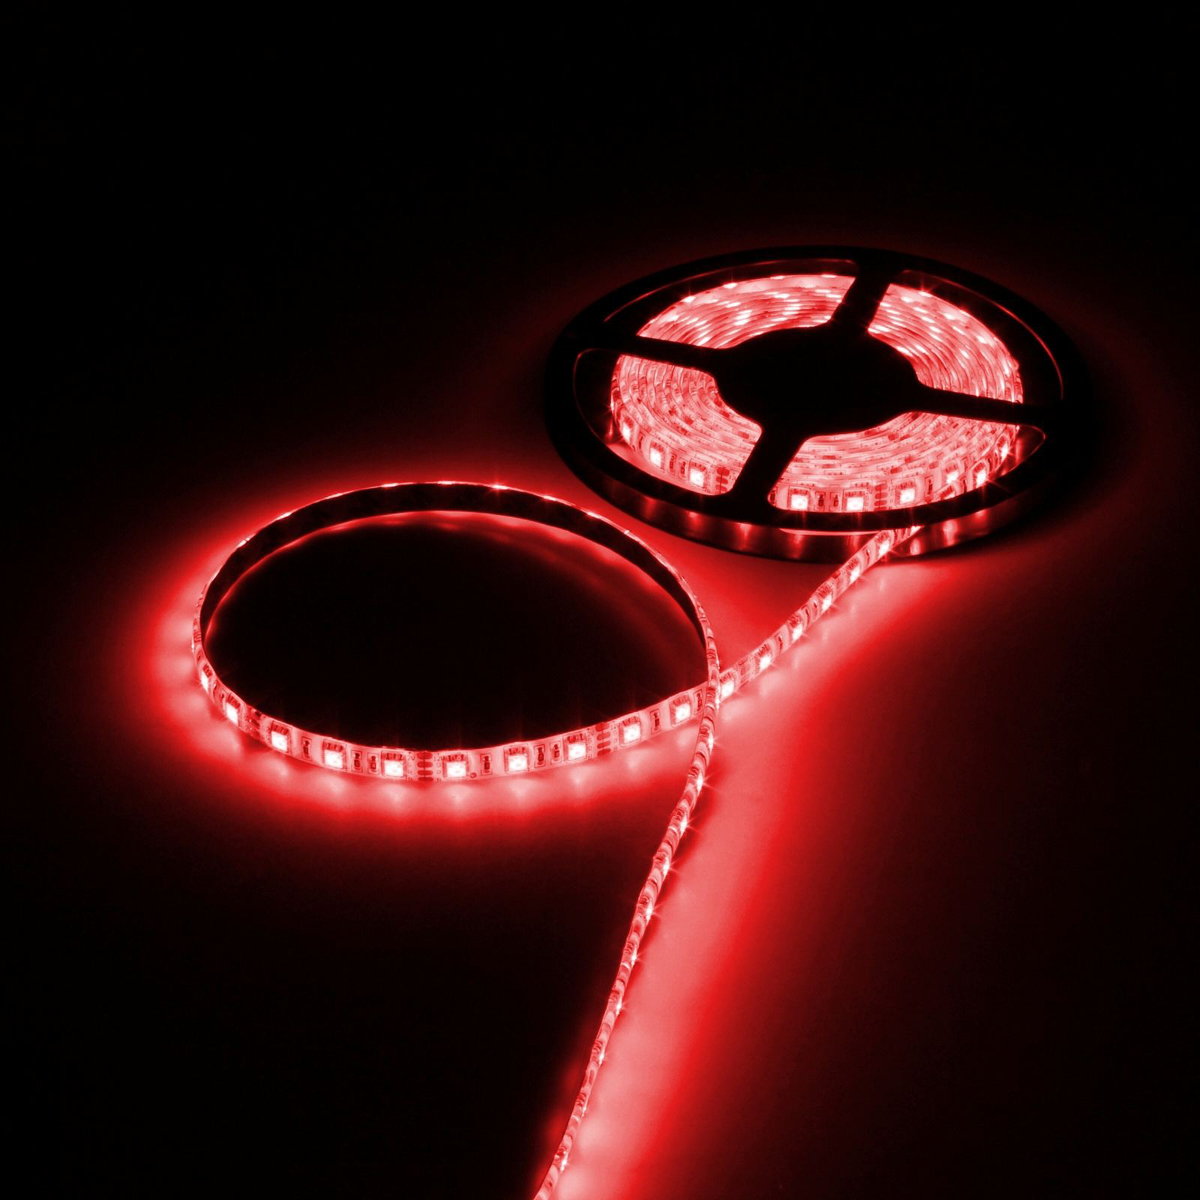 Светодиодная лента Luazon, 12В, SMD5050, длина 5 м, IP65, 60 LED ламп, 14.4 Вт/м, 14-16 Лм/1 LED, DC, цвет: красный светодиодная лента luazon 12в smd3528 длина 5 м ip68 60 led ламп 4 8 вт м 6 7 лм 1 led dc цвет фиолетовый